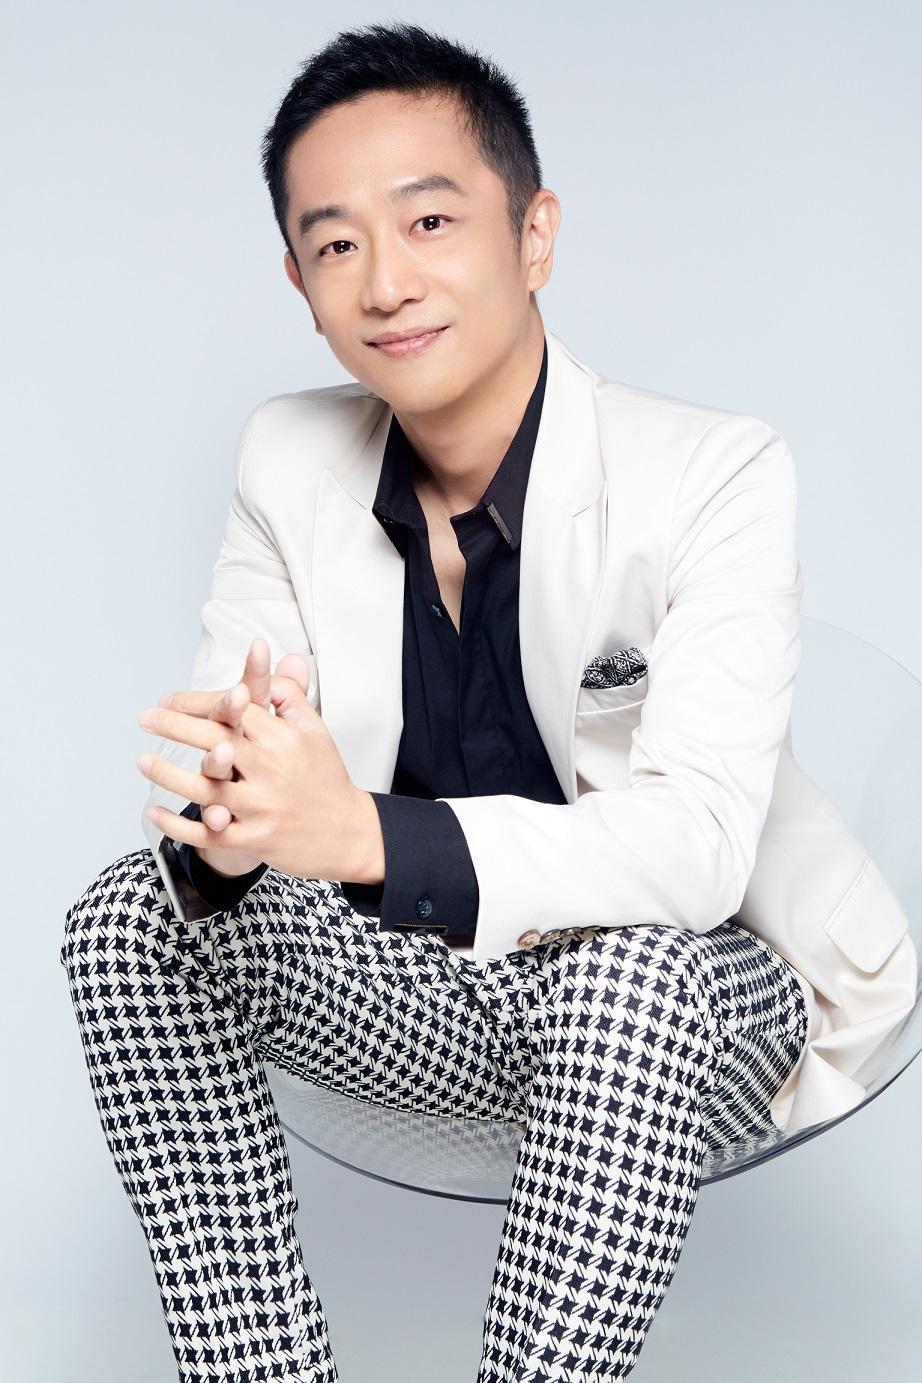 陳昭榮被直播主小沛嗆精品品牌發音不標準  。(翰成數位直播提供)